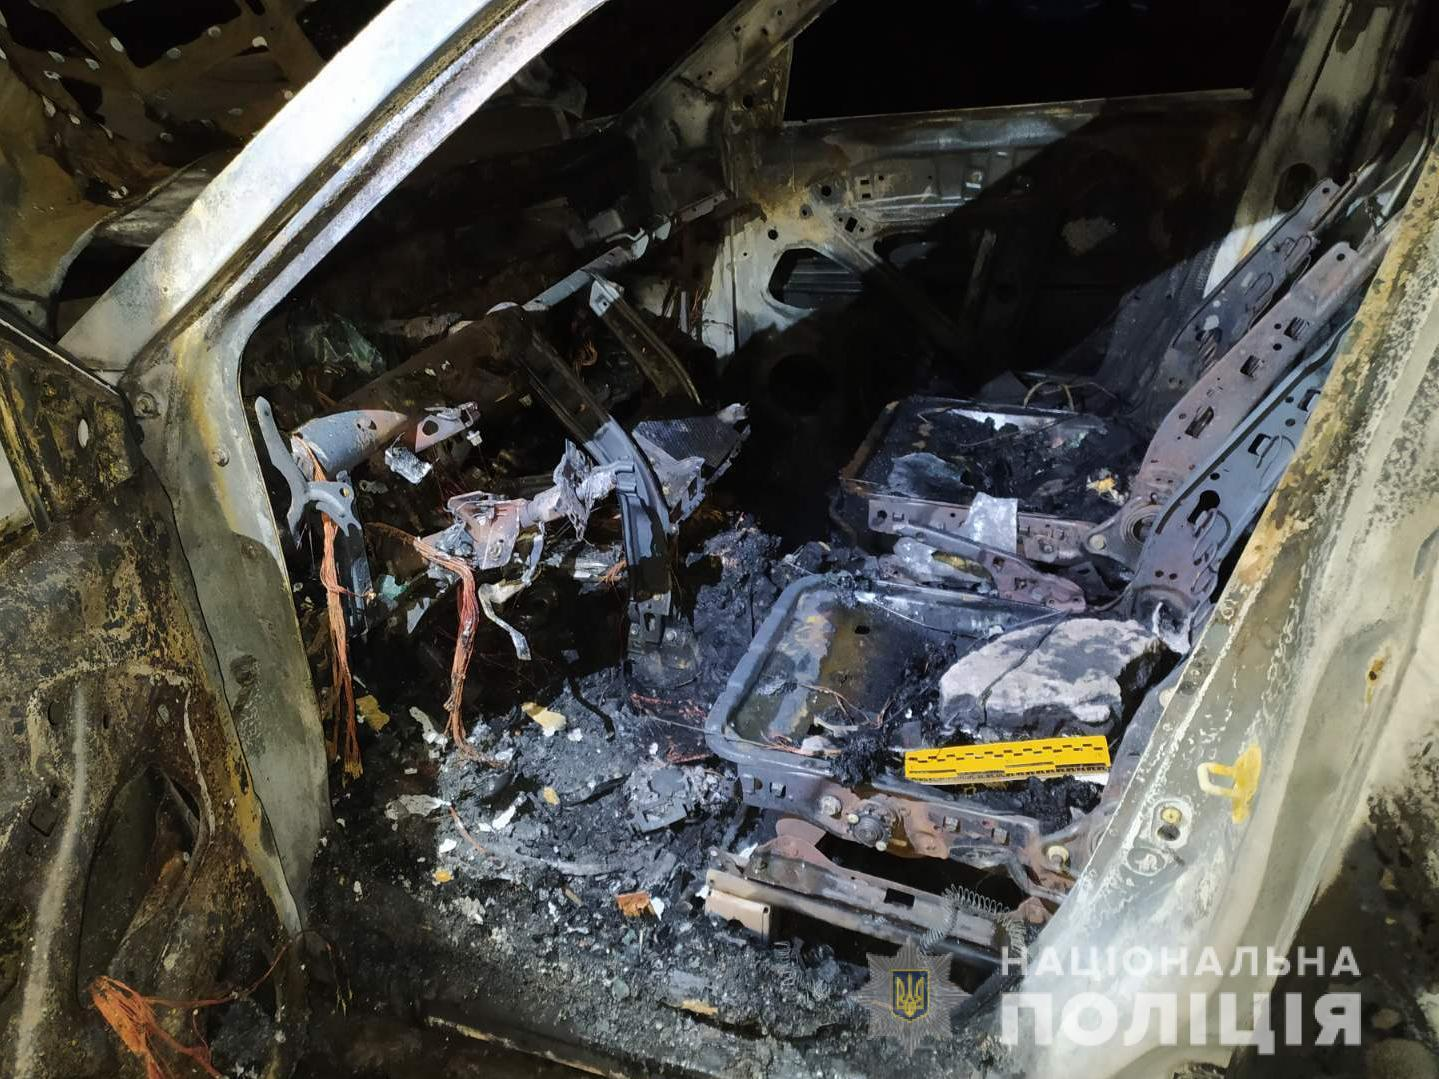 Салон сгоревшего авто